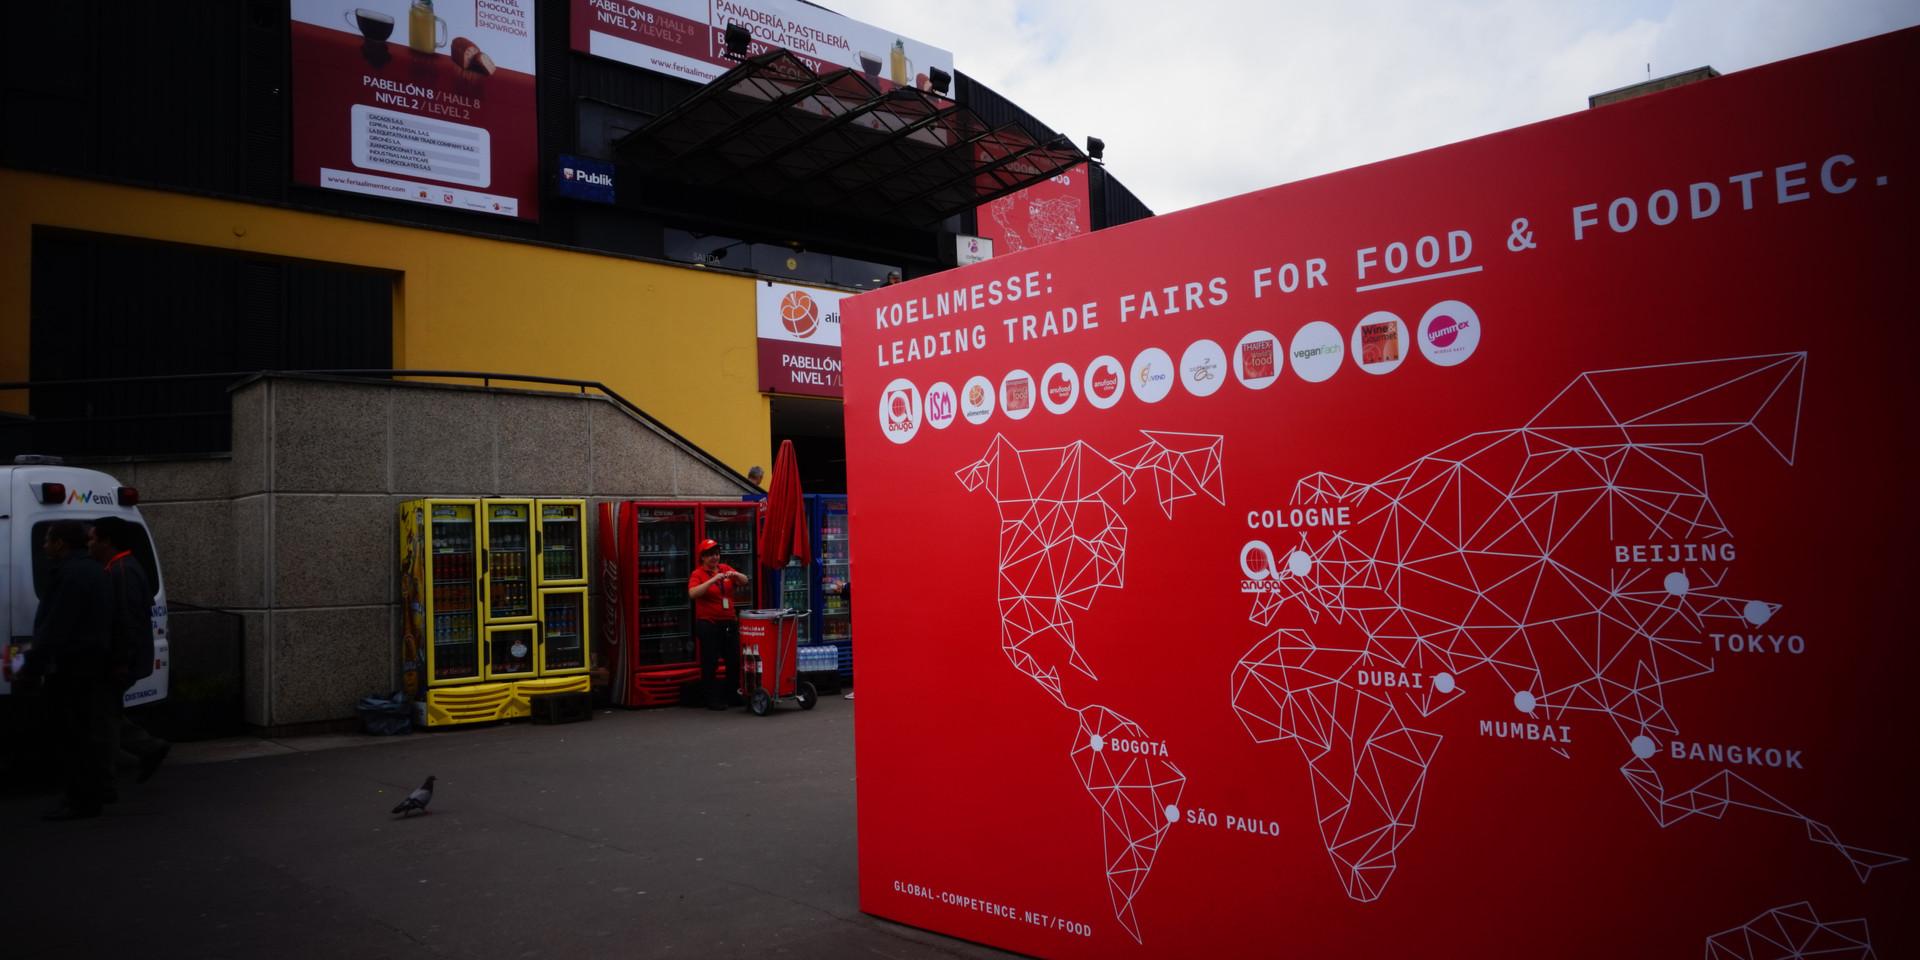 Alimentec es organizada por KOELNMESSE, la cual es responsable de las ferias alimenticias más importantes alrededor del mundo.